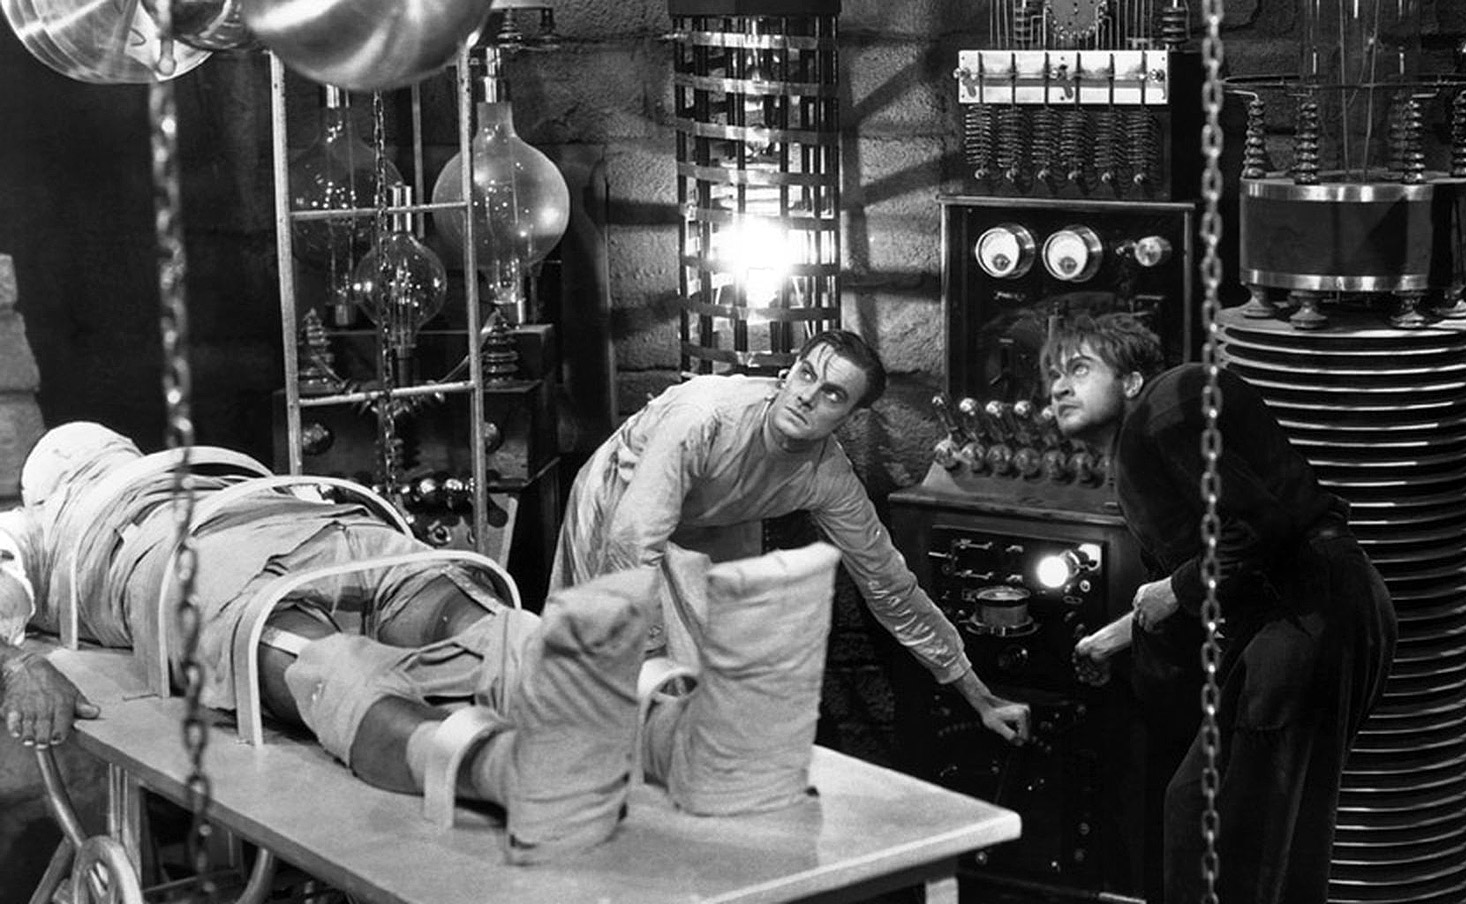 La novela de Mary Shelley puede servir casi de guion para describir lo ocurrido con el sistema eléctrico en los últimos años. | Imagen: Fotograma de la película de 1931 'El doctor Frankenstein', de  James Whale (Universal).